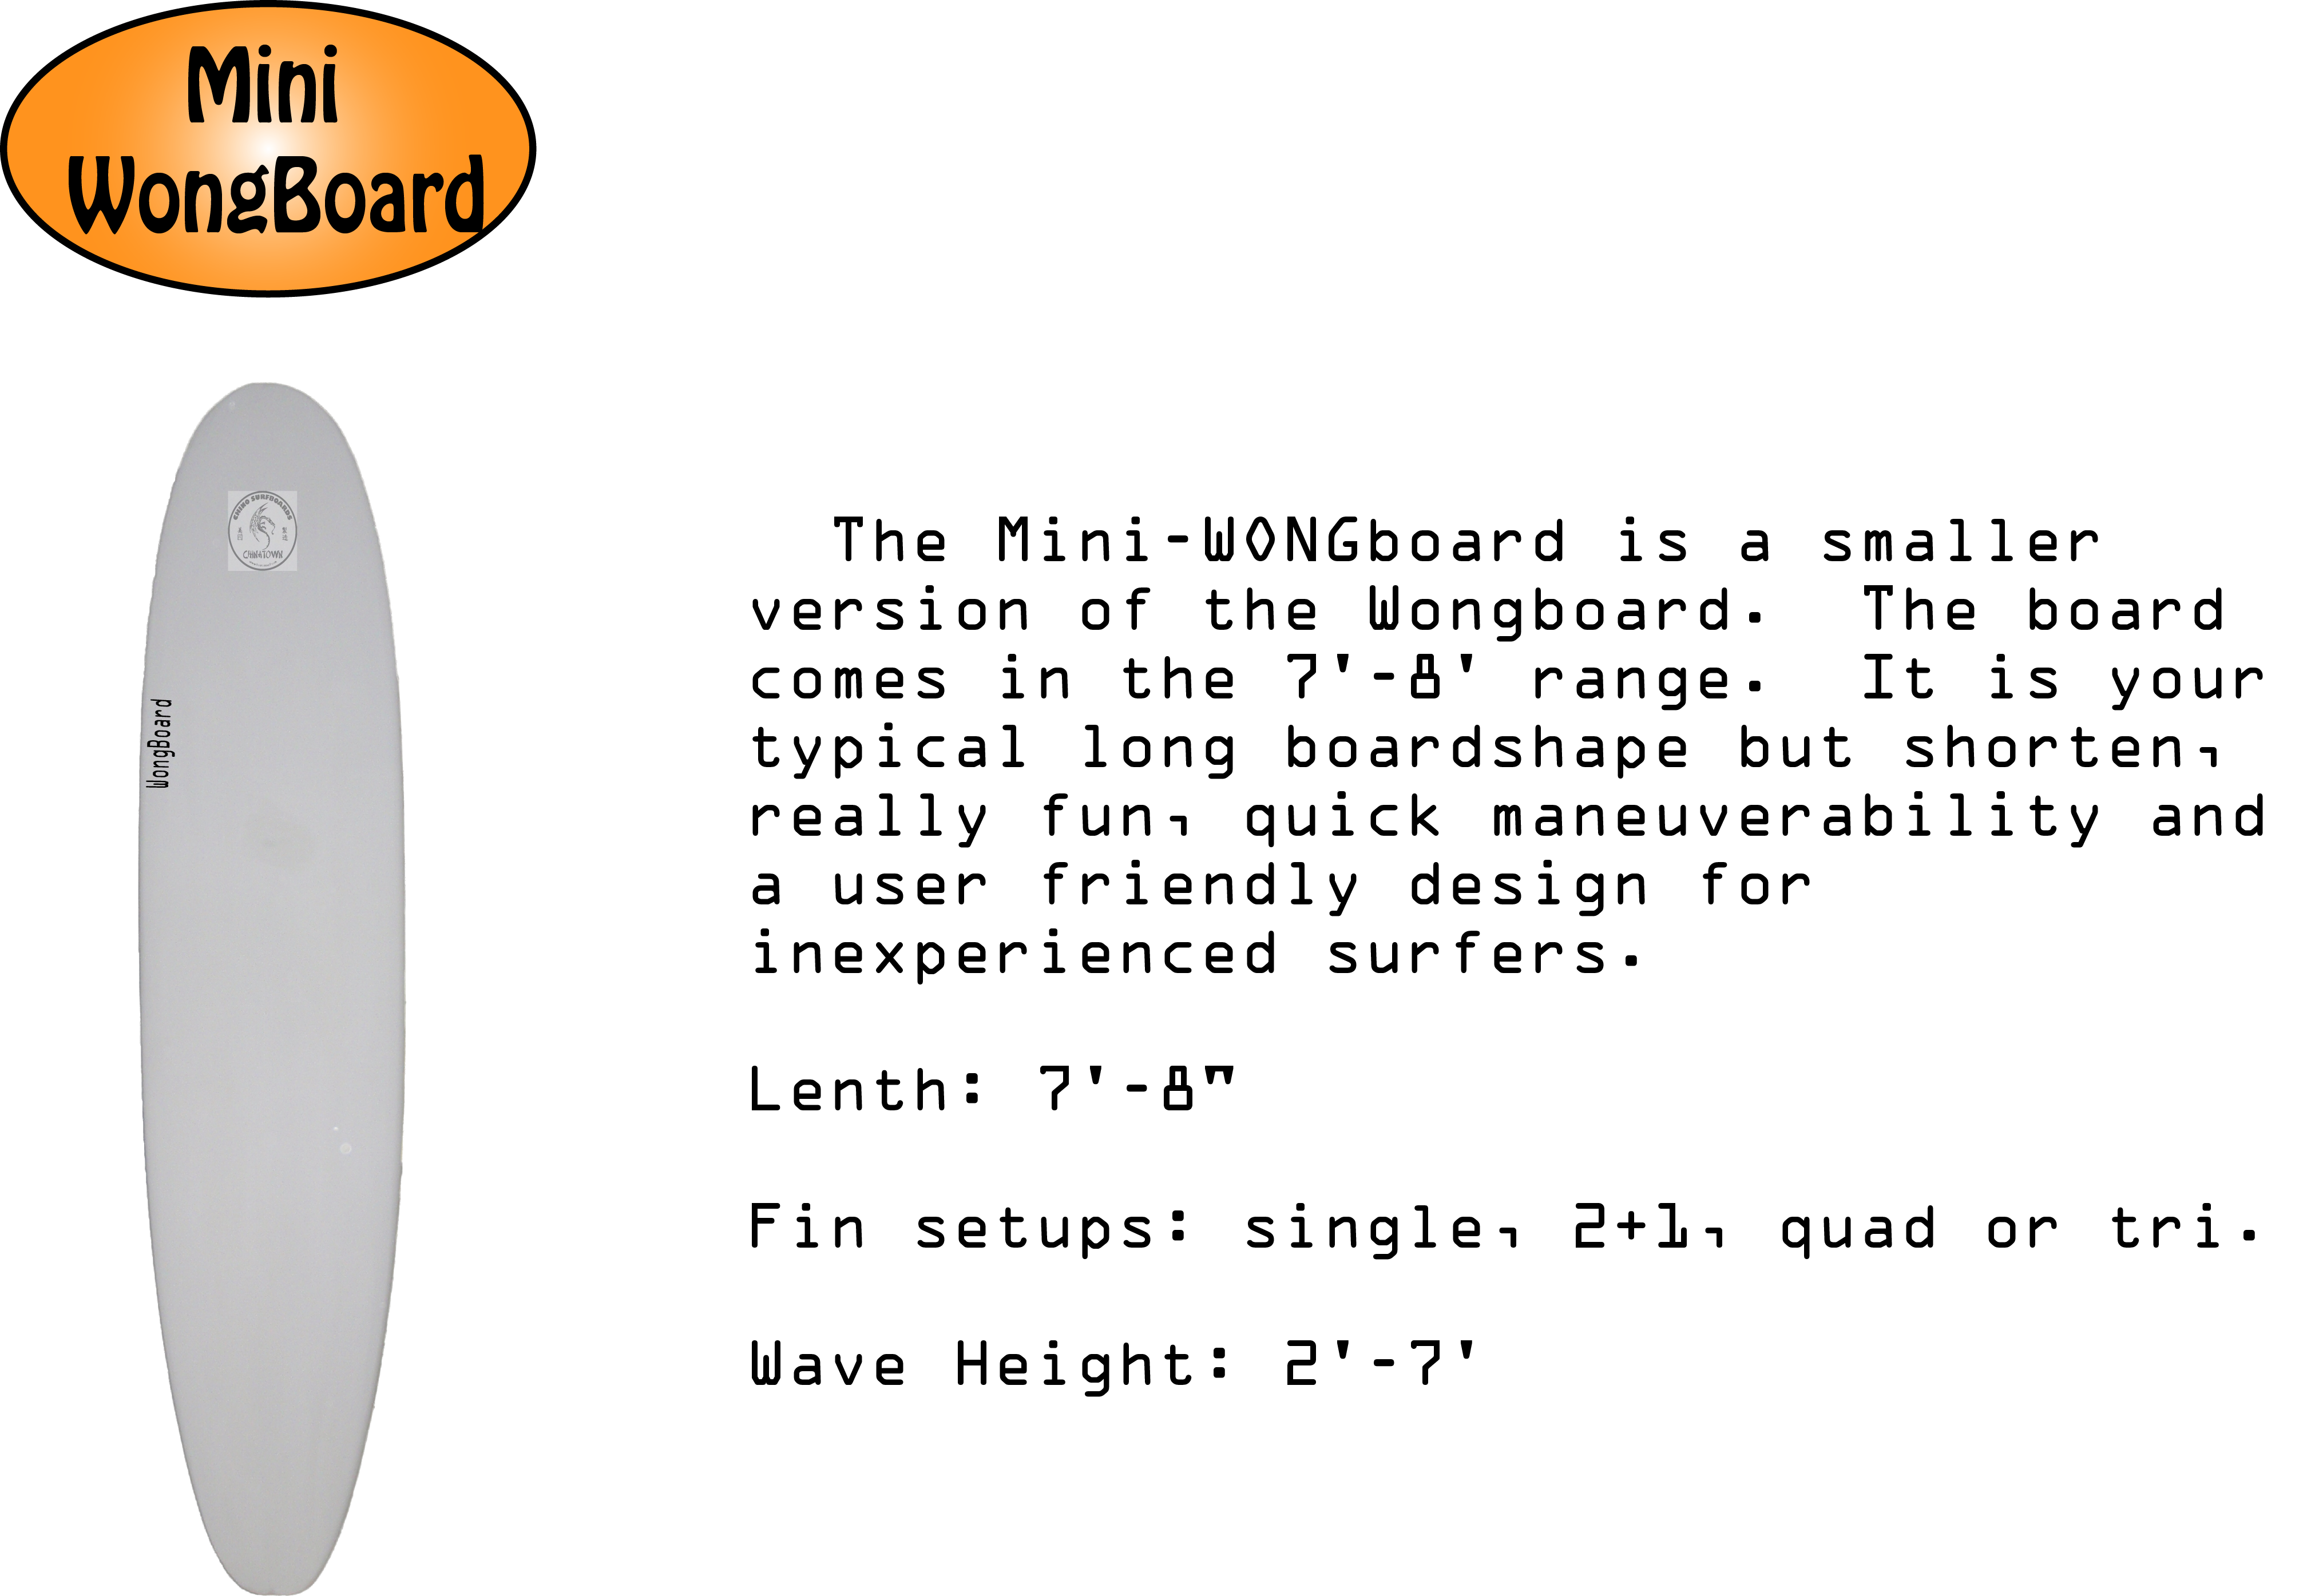 miniwongboard